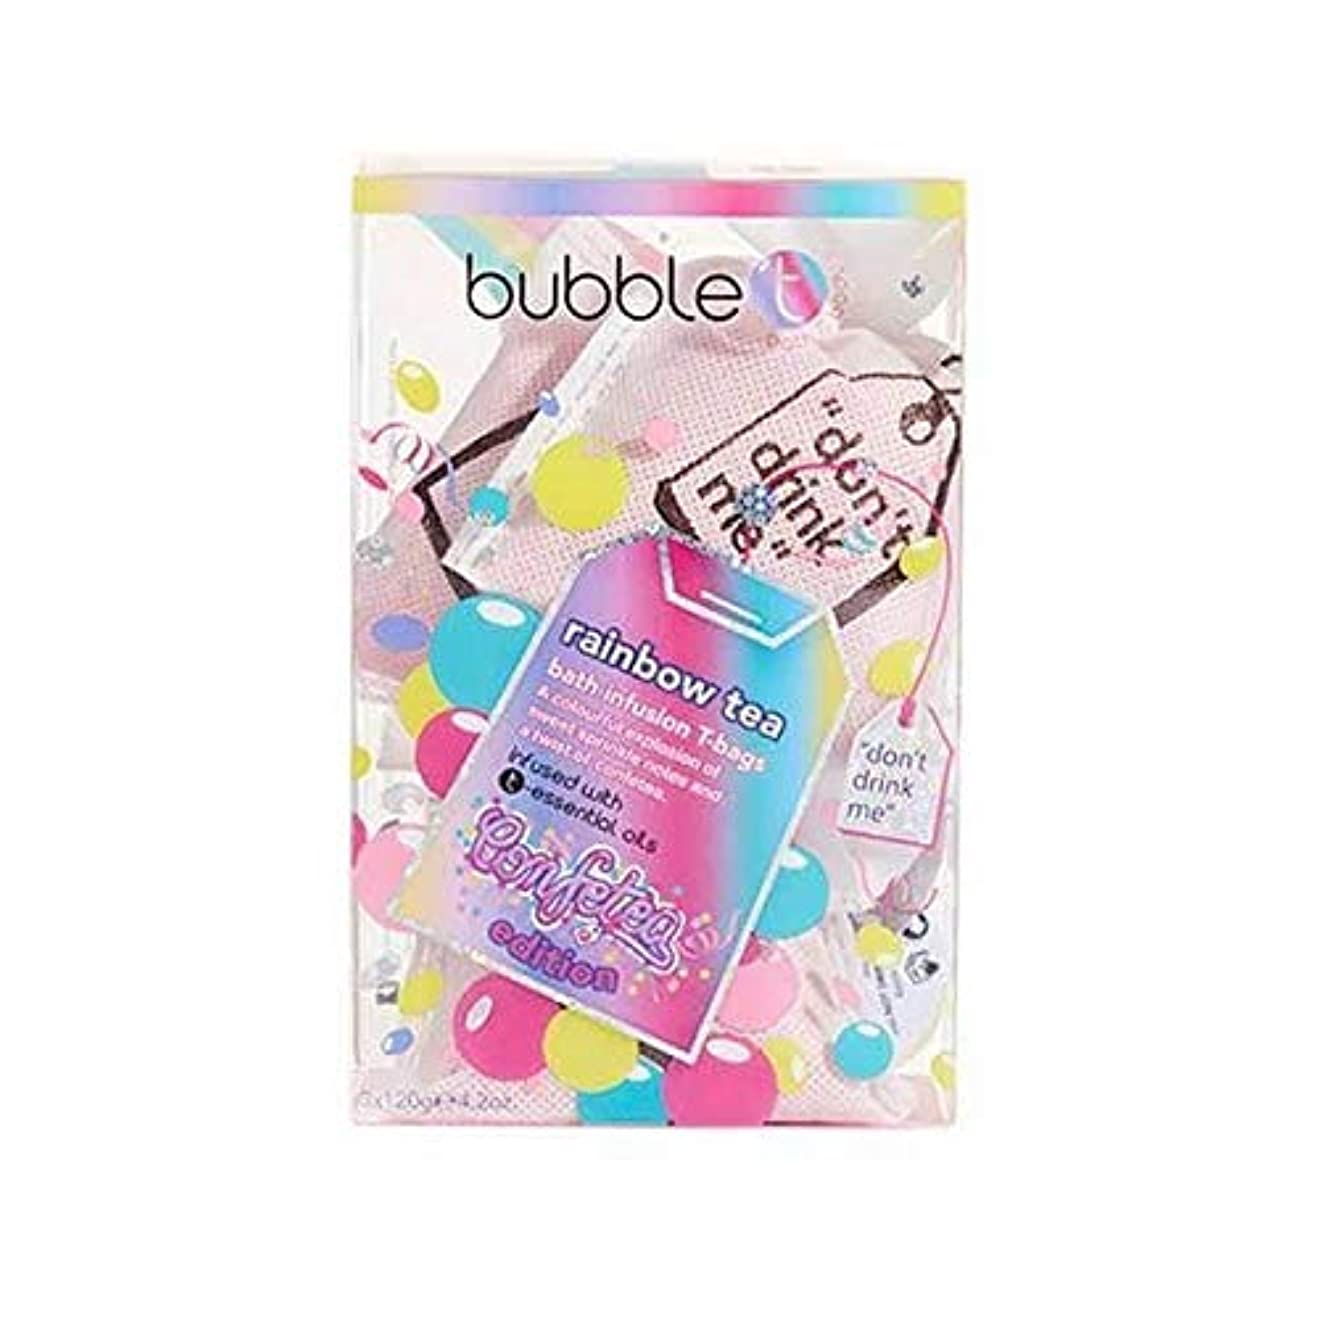 置くためにパック少ない作曲する[Bubble T ] バブルトンの化粧品 - 入浴輸液ティーバッグ虹のお茶 - Bubble T Cosmetics - Bath infusion tea bags Rainbow tea [並行輸入品]